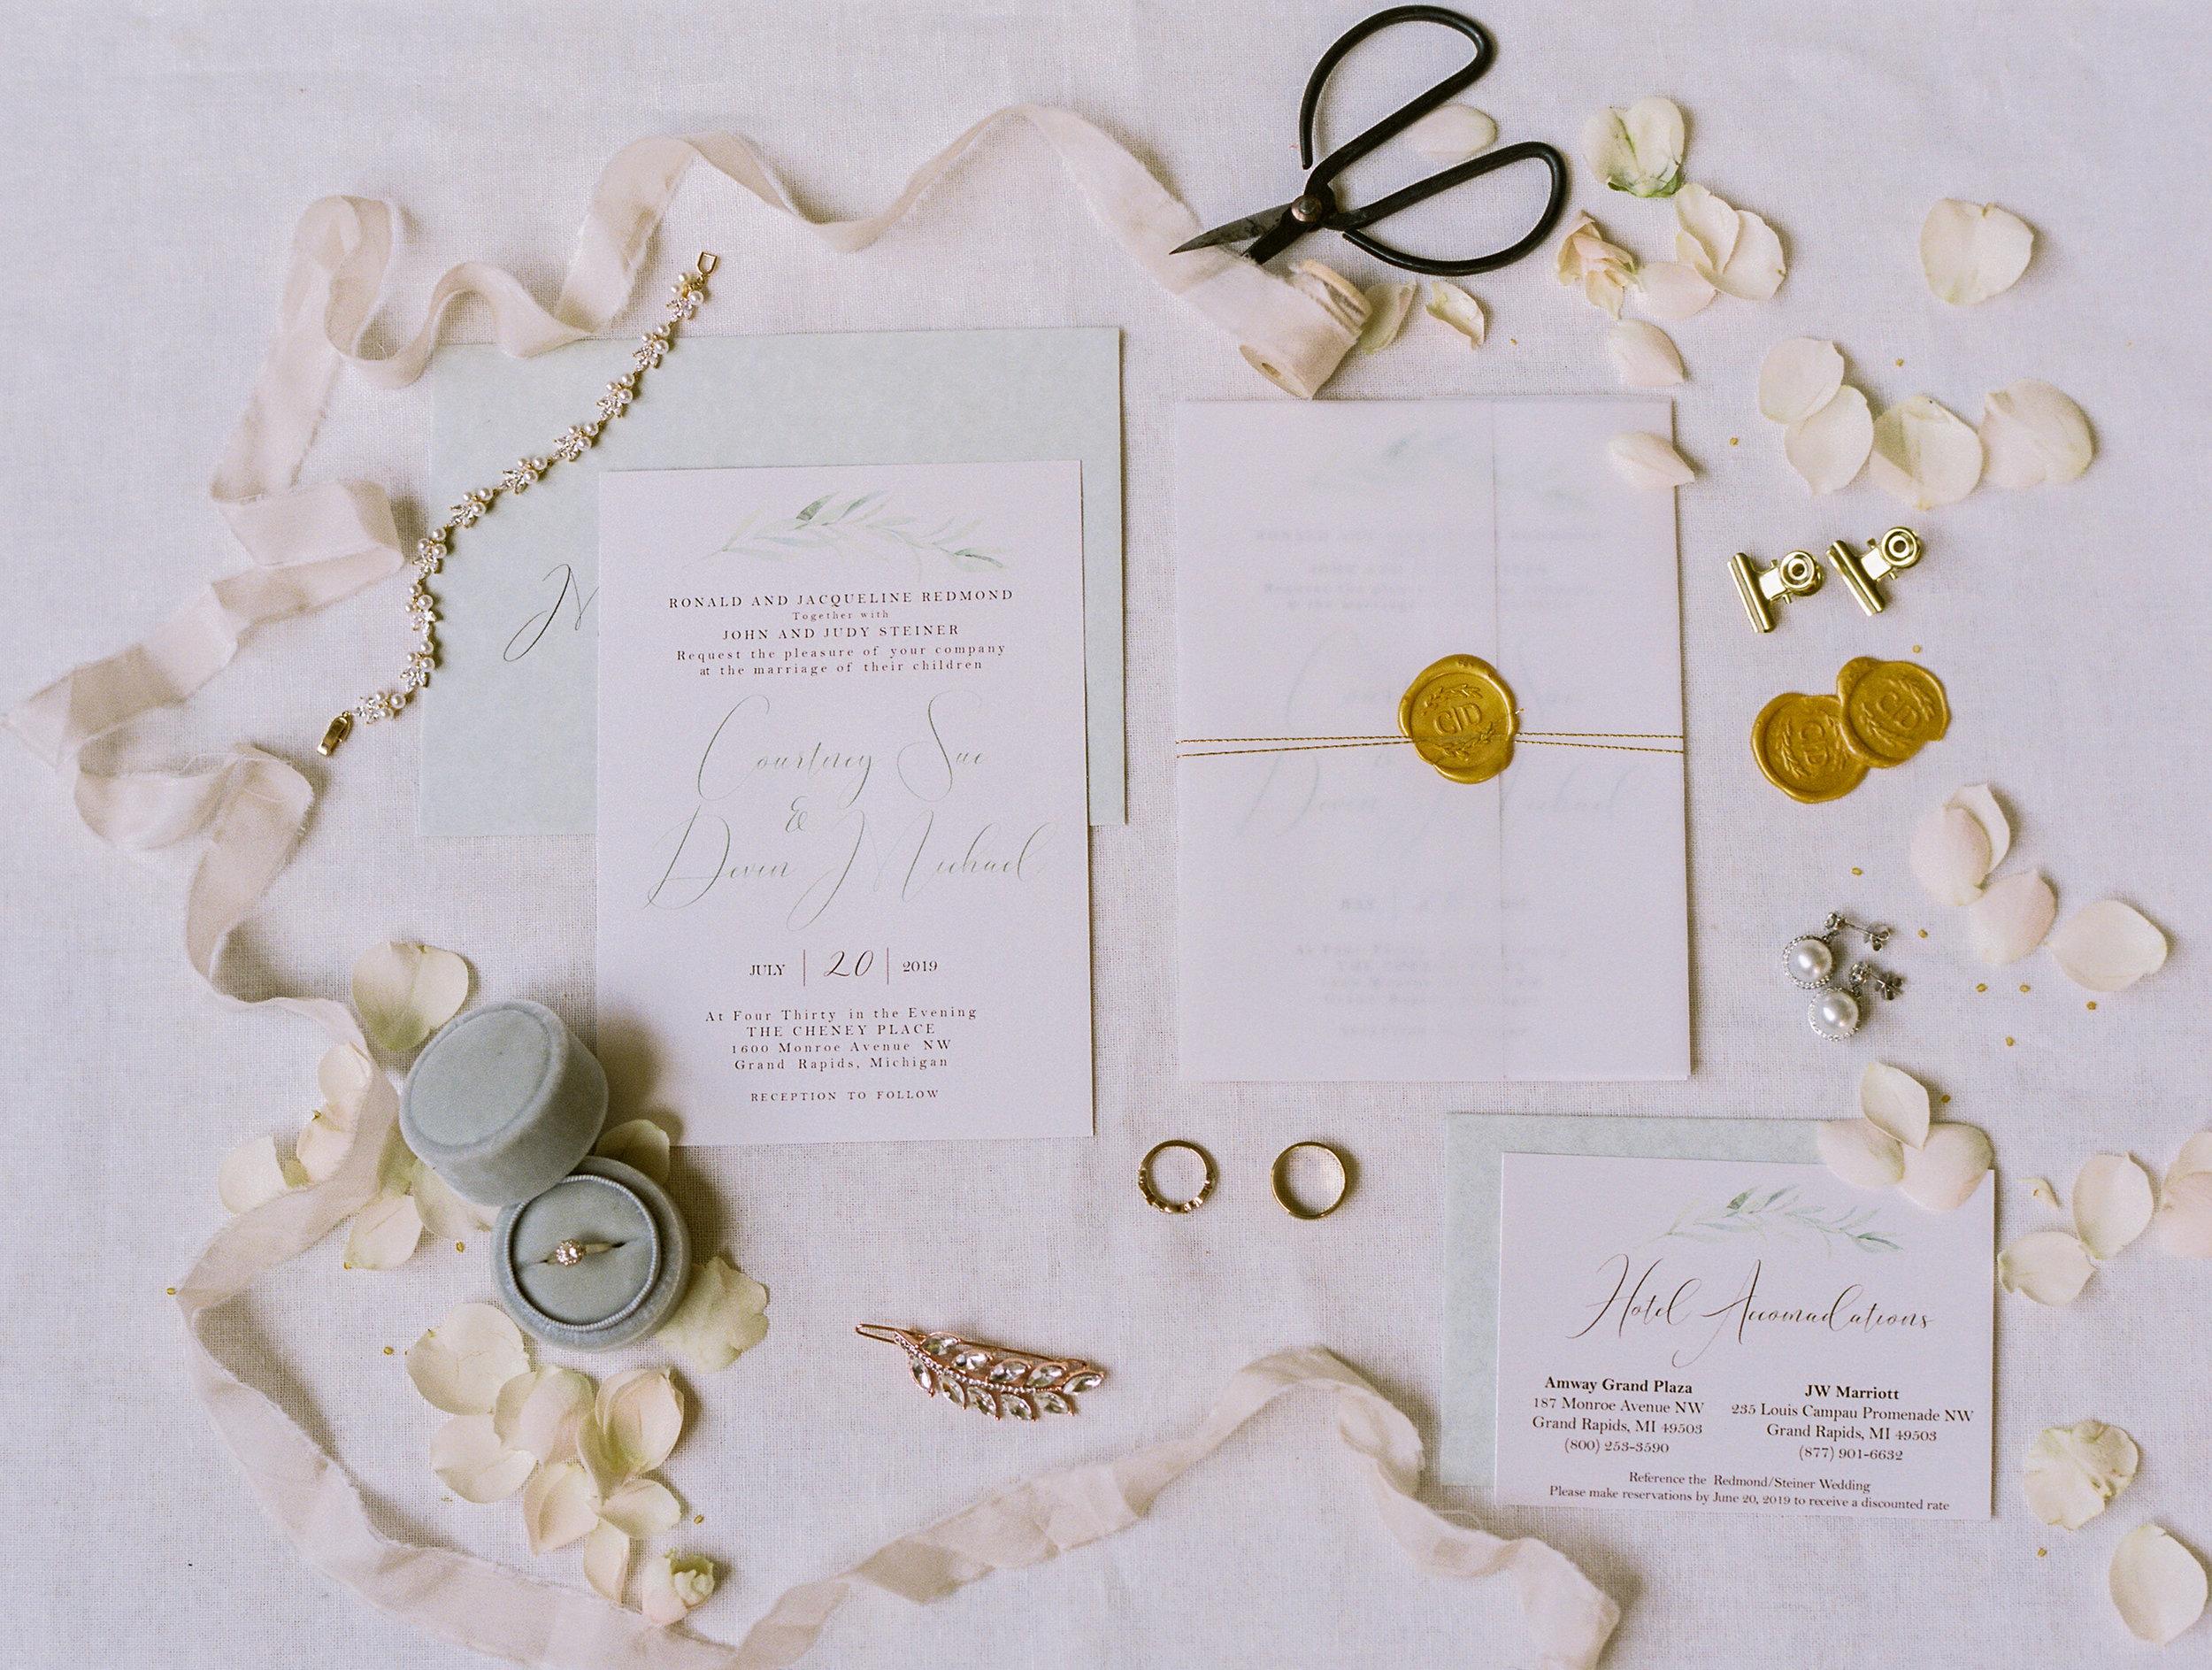 Steiner+Wedding+Details-45.jpg